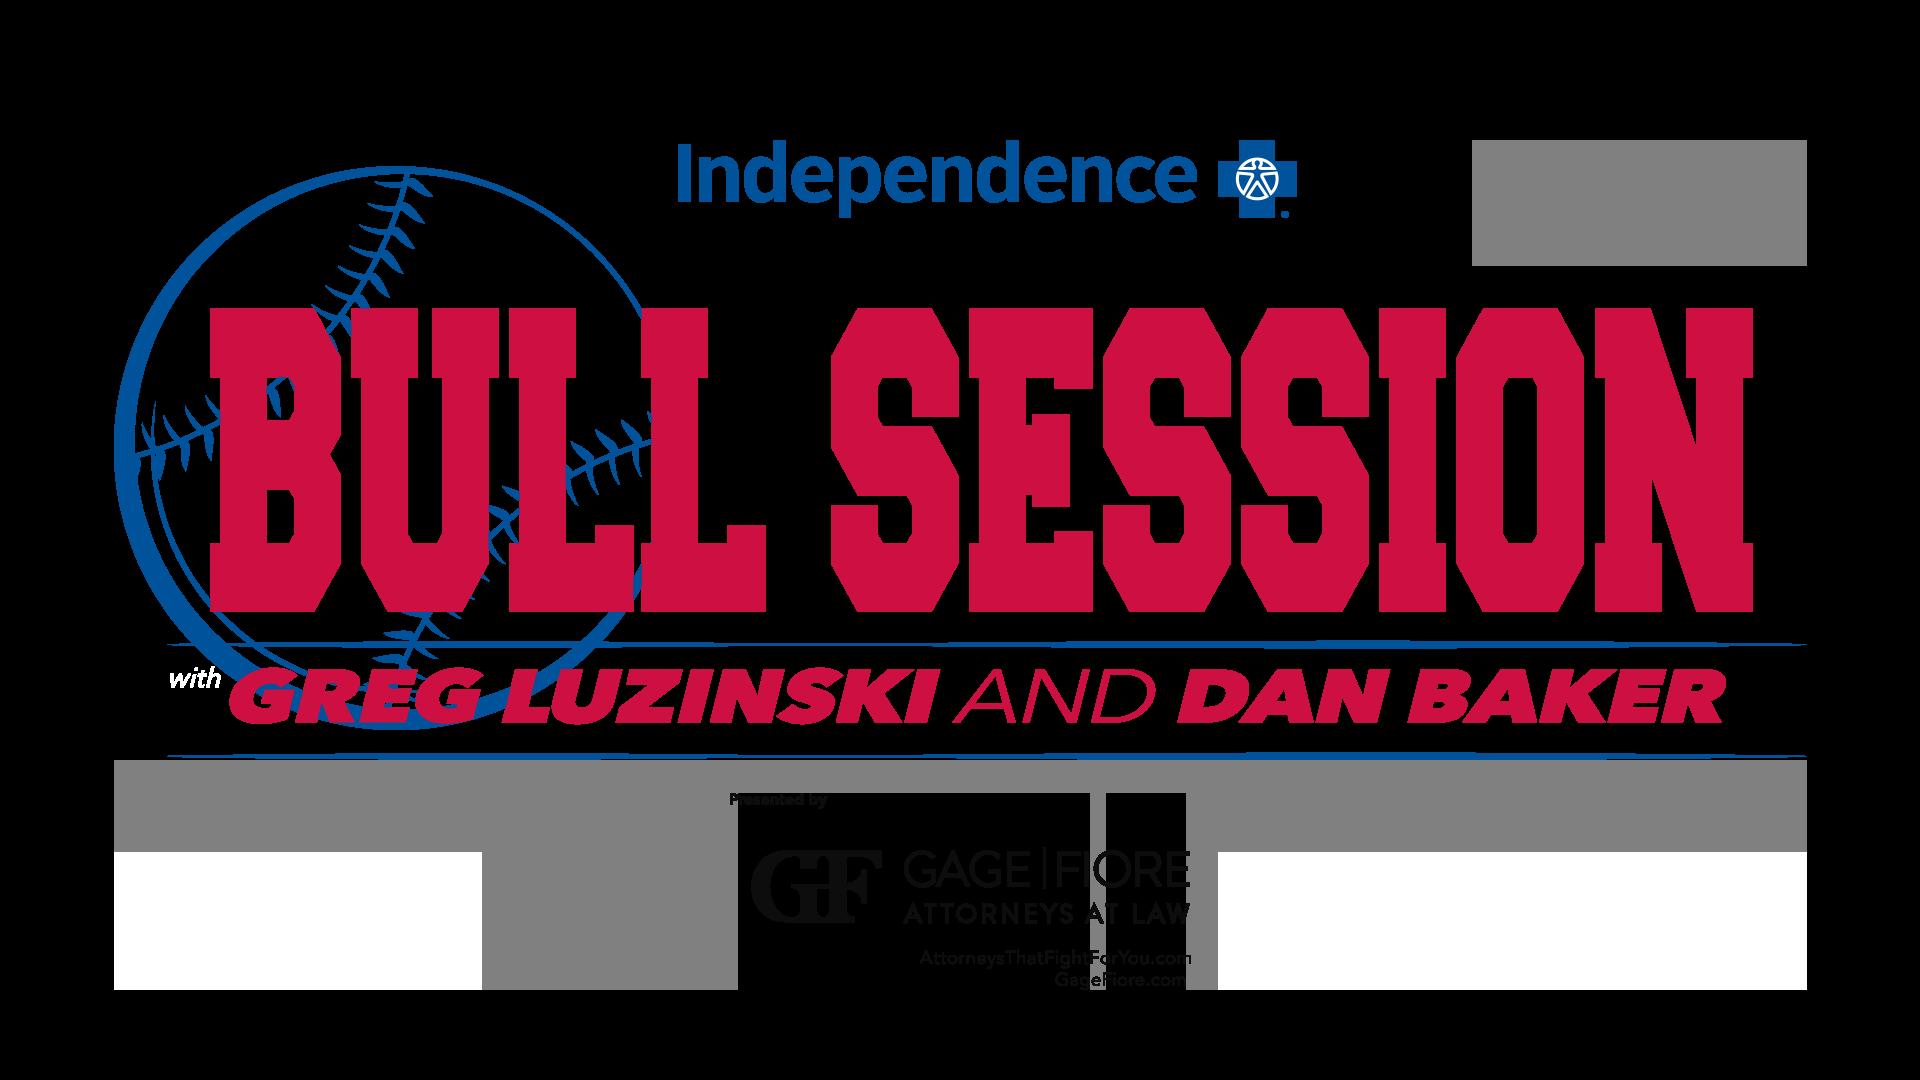 Bull Session Logo with Greg Luzinski and Dan Baker